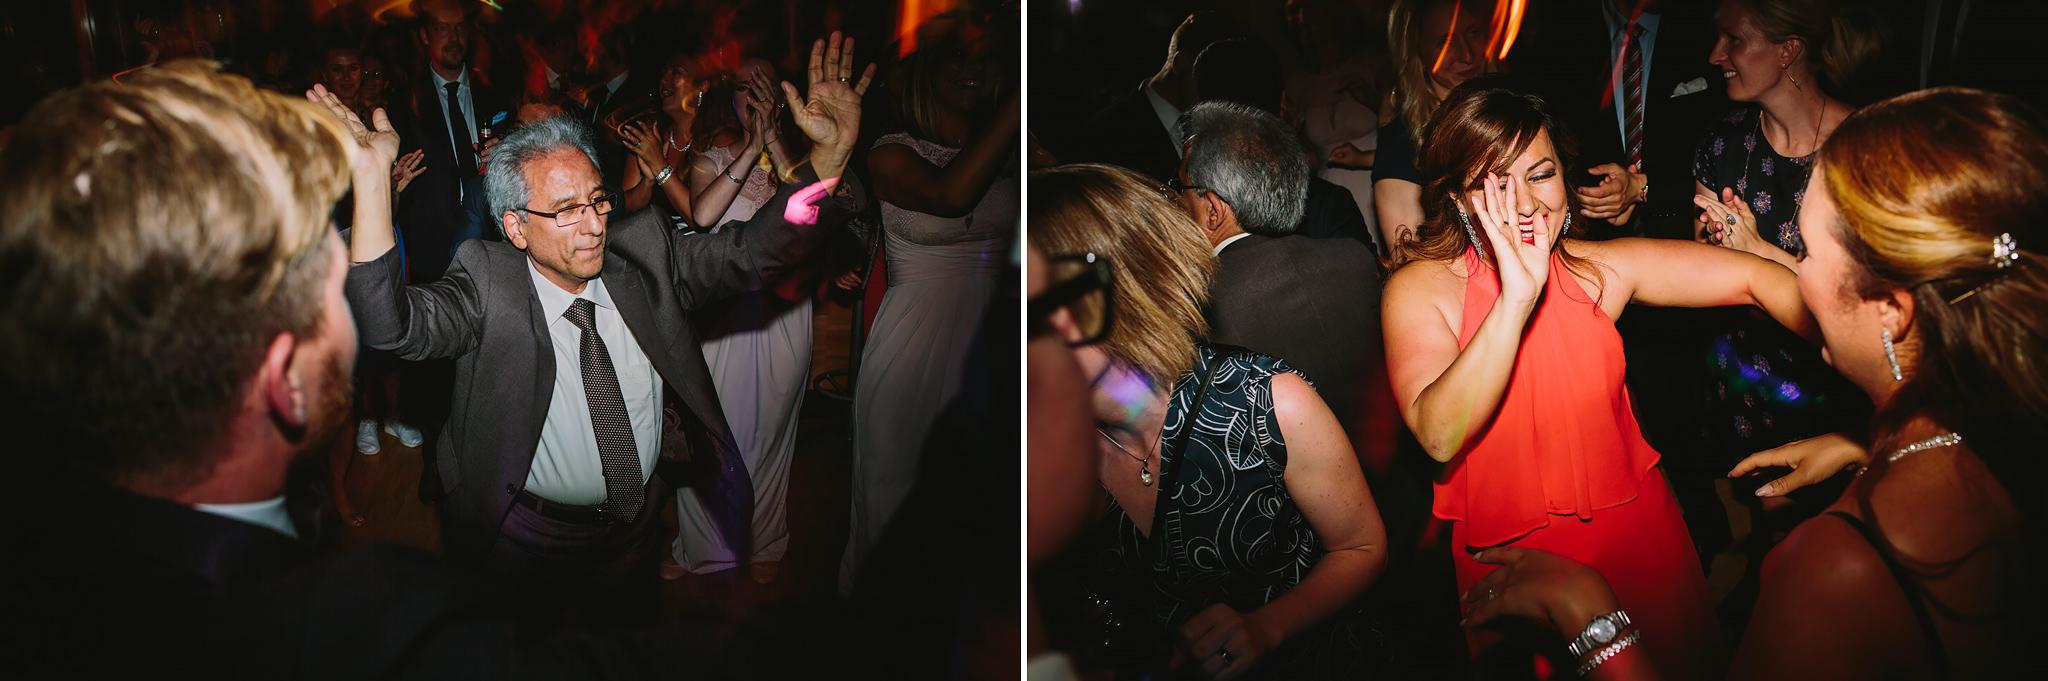 persisk dans på bröllop